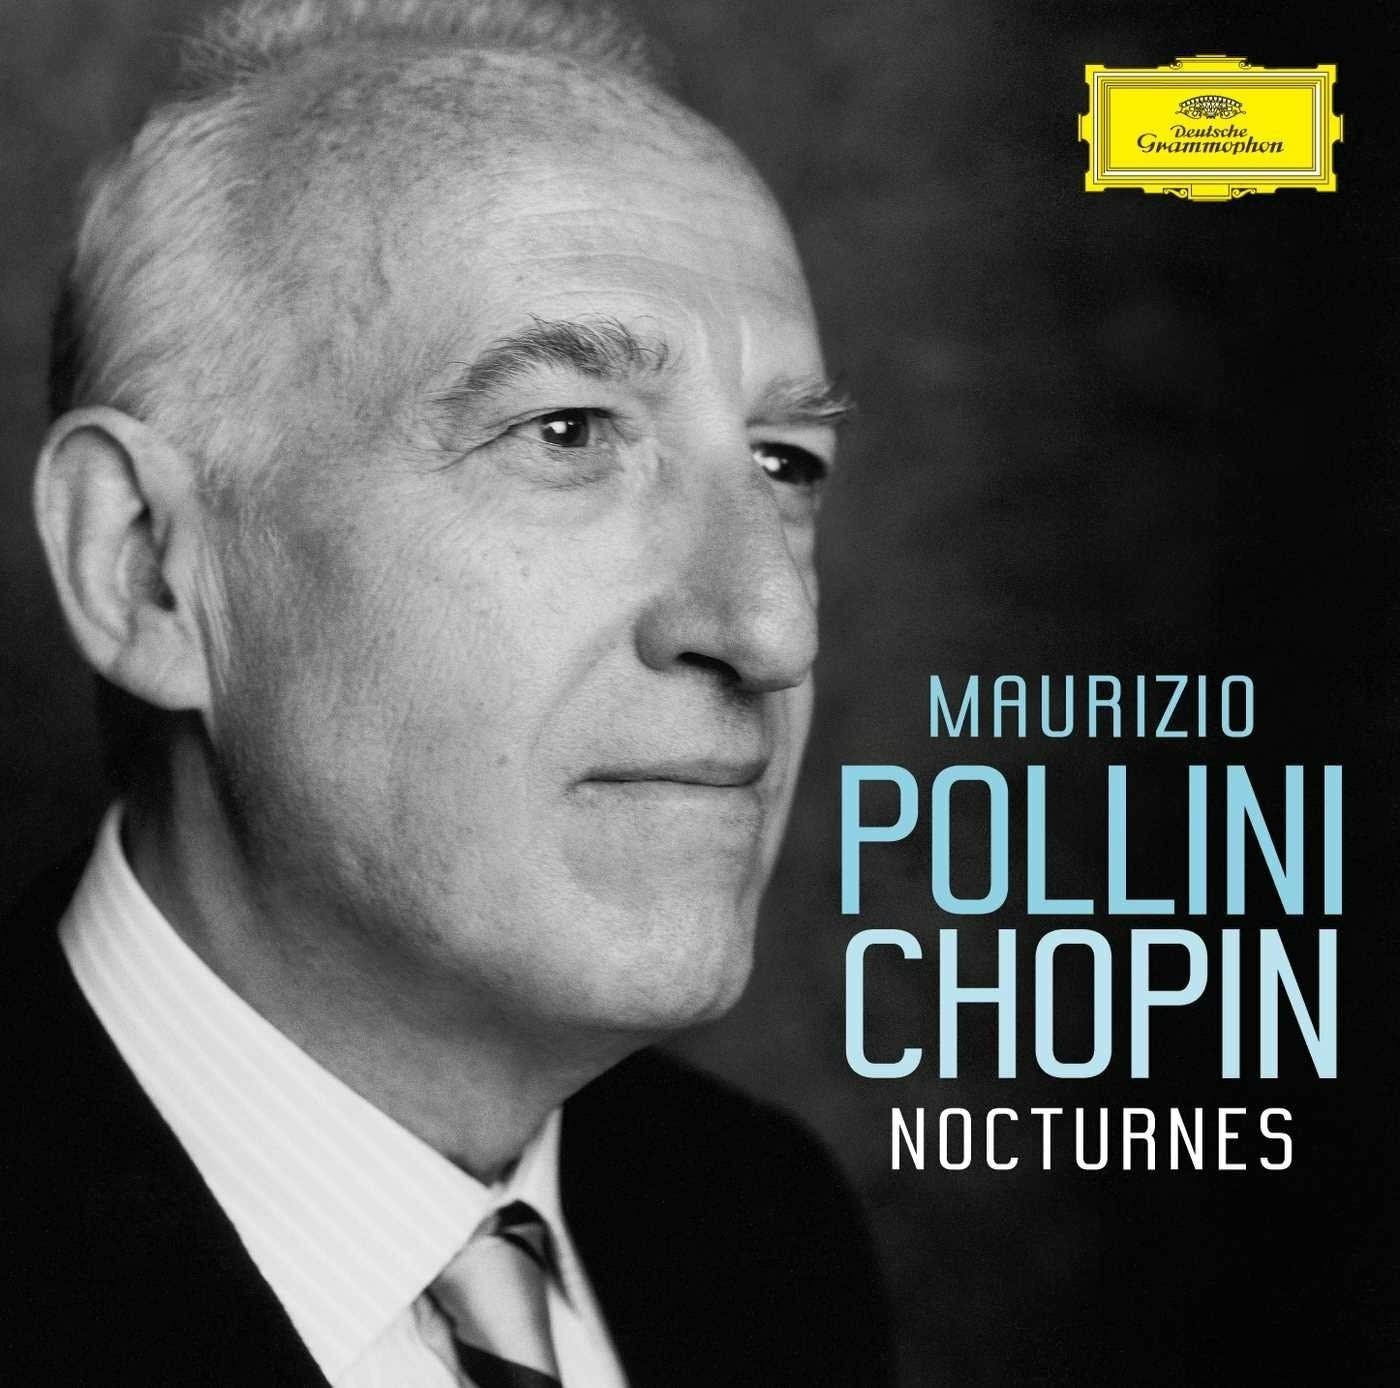 Maurizio Pollini: Chopin Nocturnes